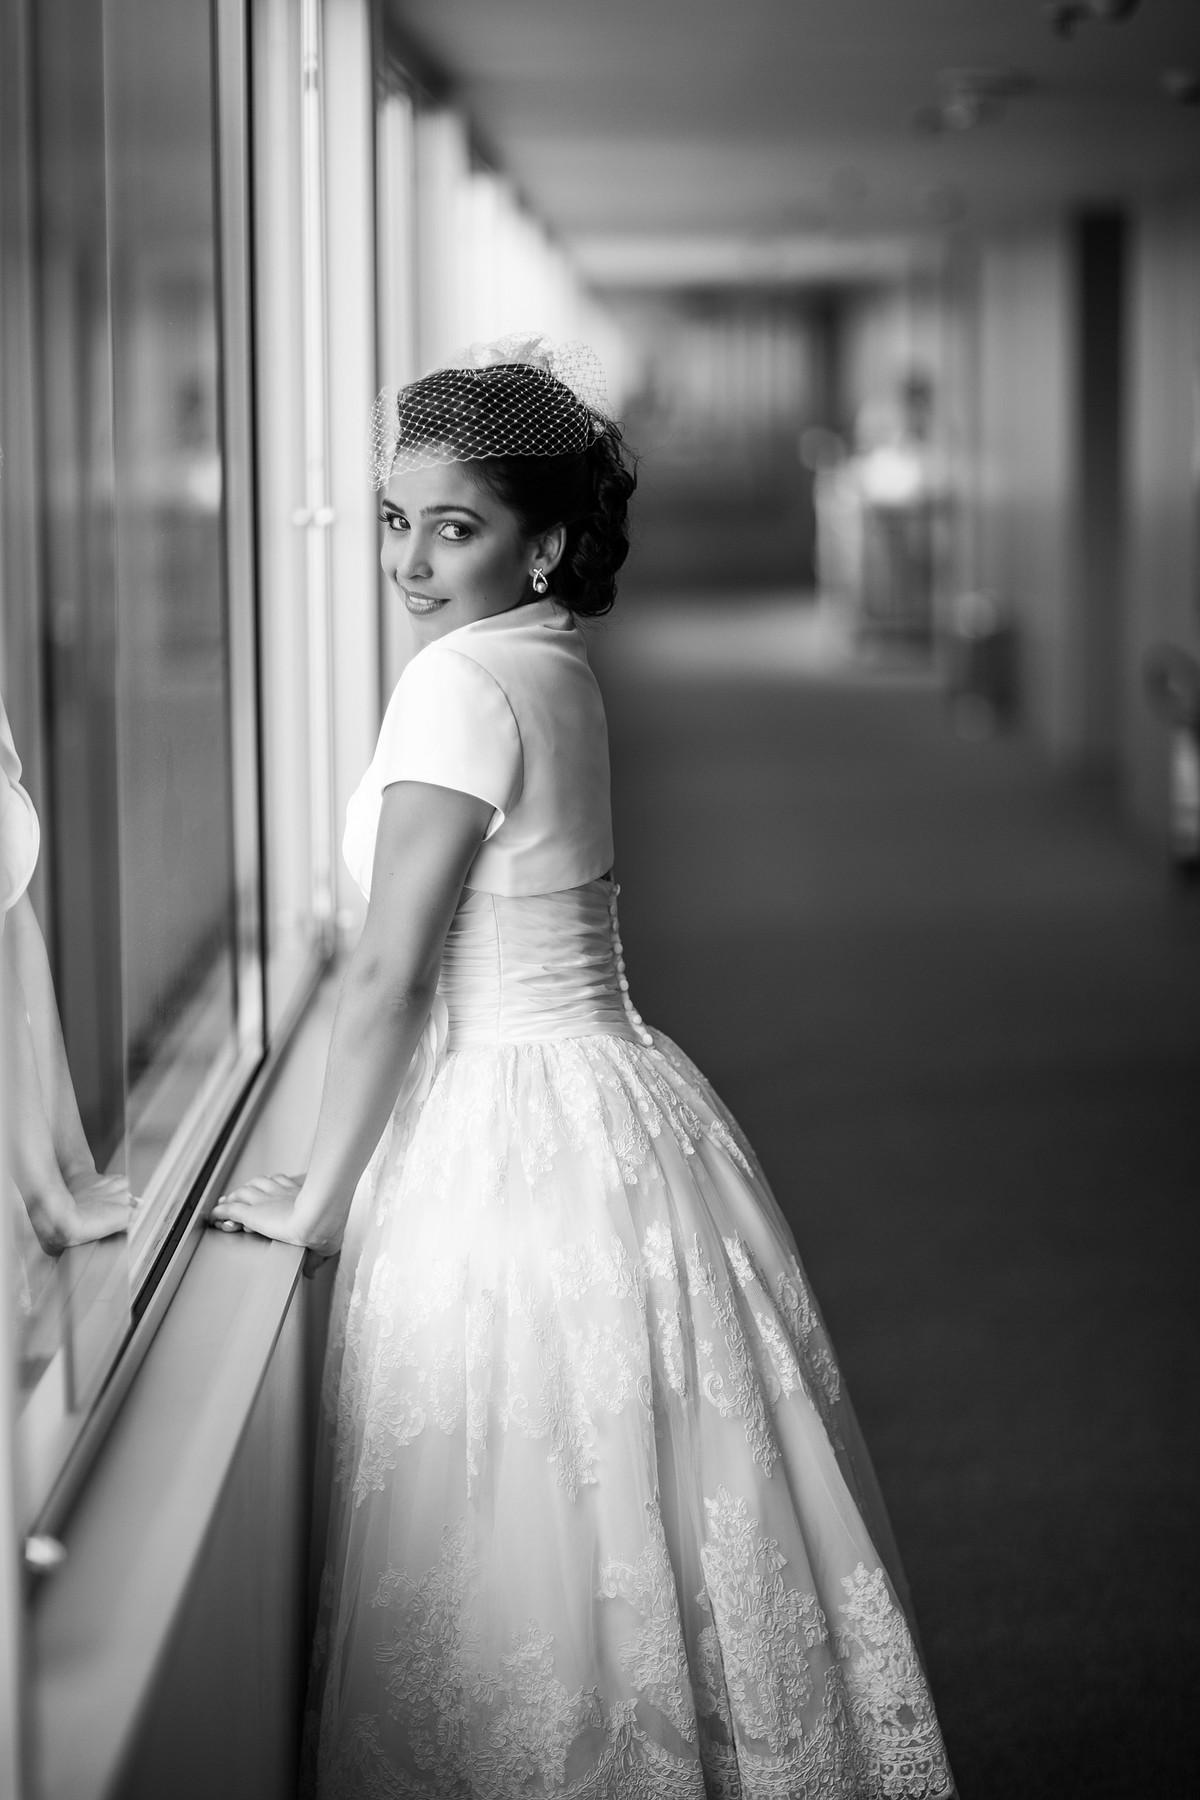 Ensaio da noiva Magá em Brasília palace feito pelo fotógrafo Rafael Ohana em Brasília-DF